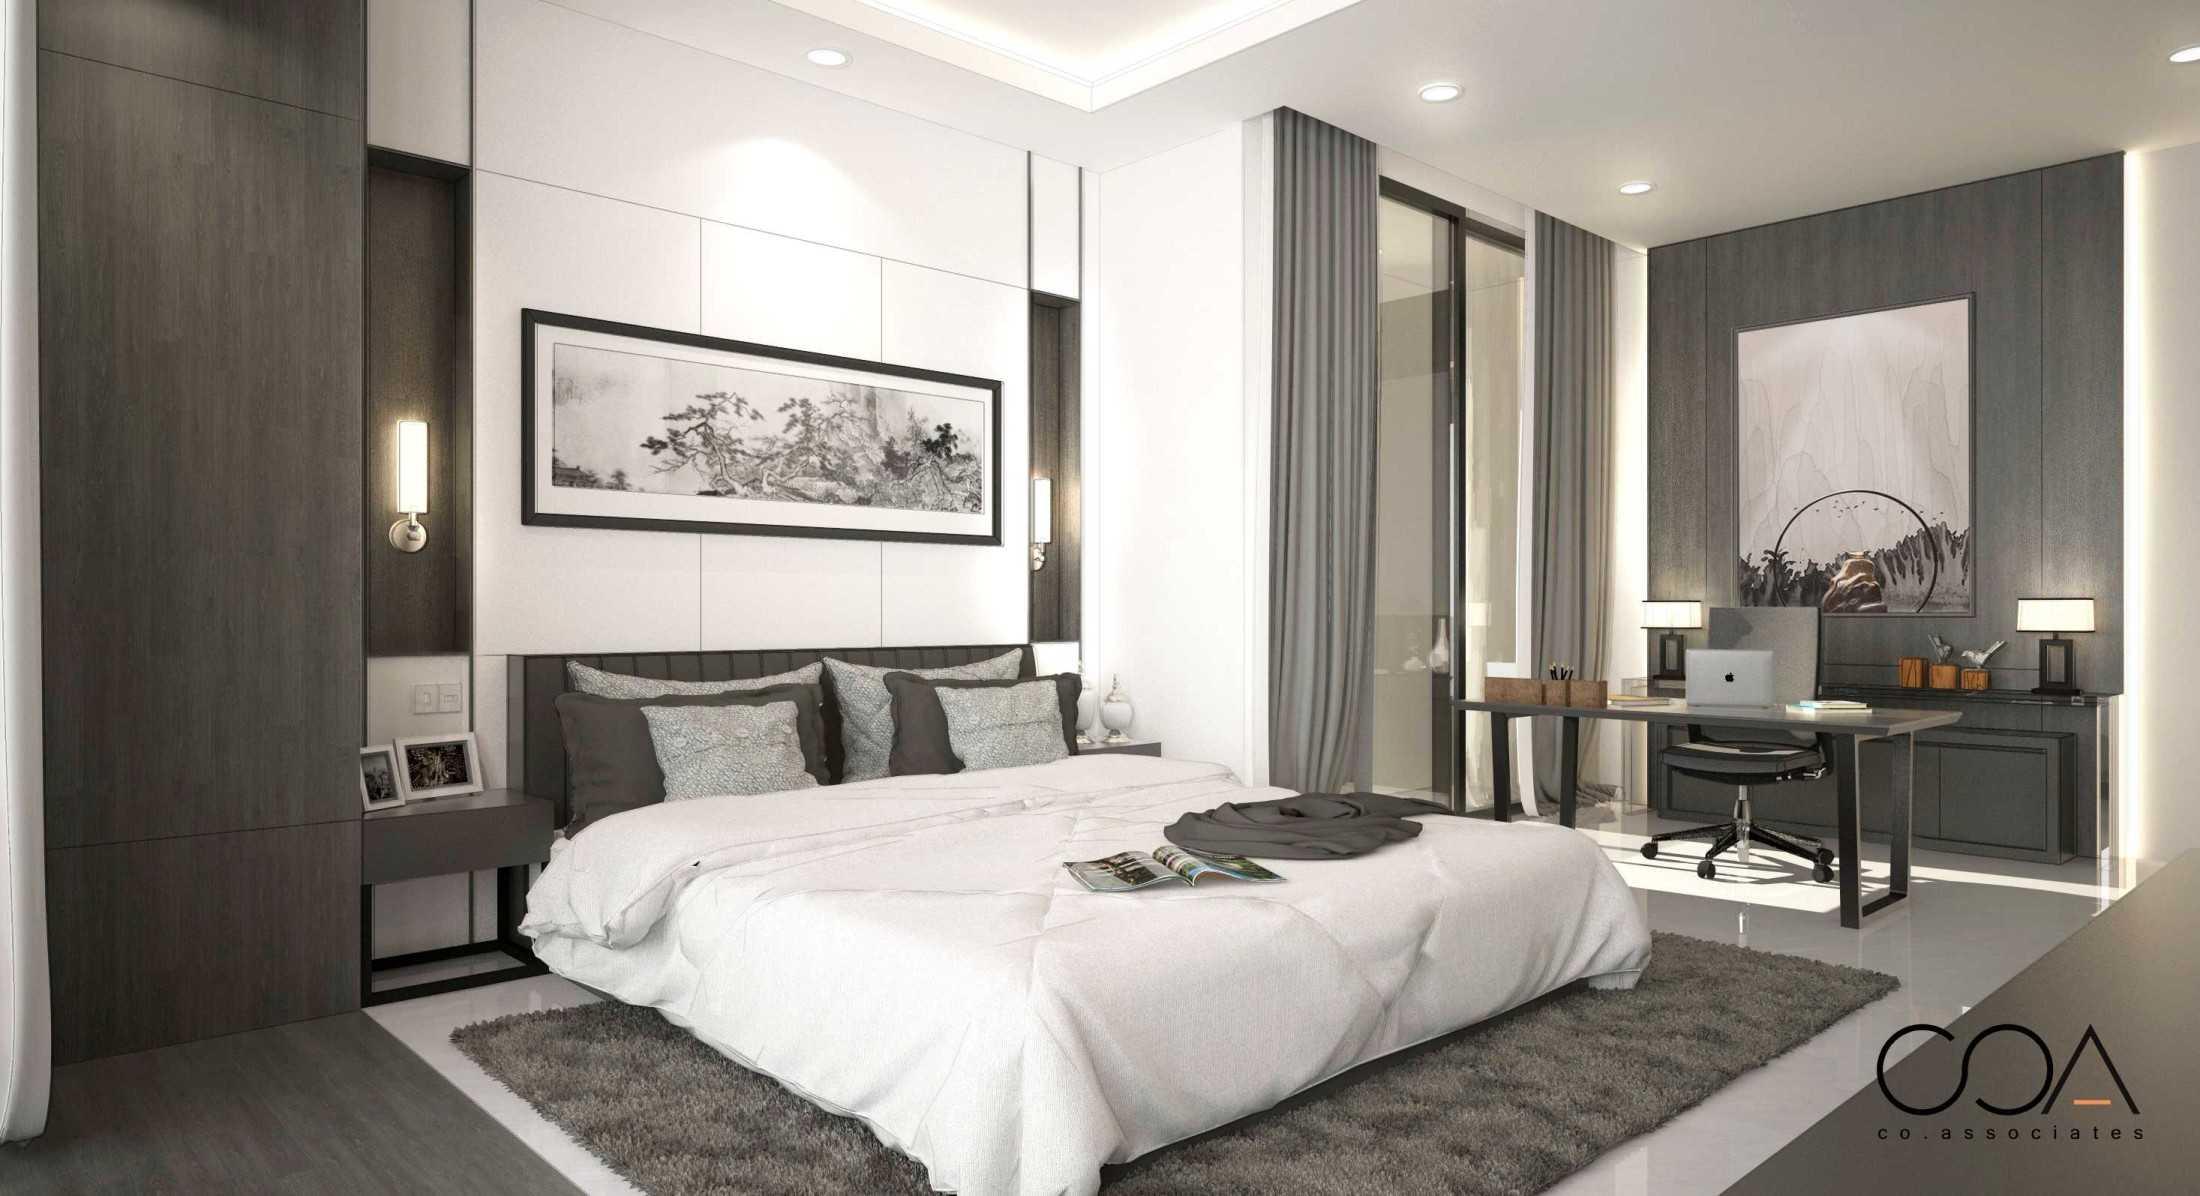 Co Associates Hp House Gading Kirana, Jakarta Gading Kirana, Jakarta Co-Associates-Hp-House  72279